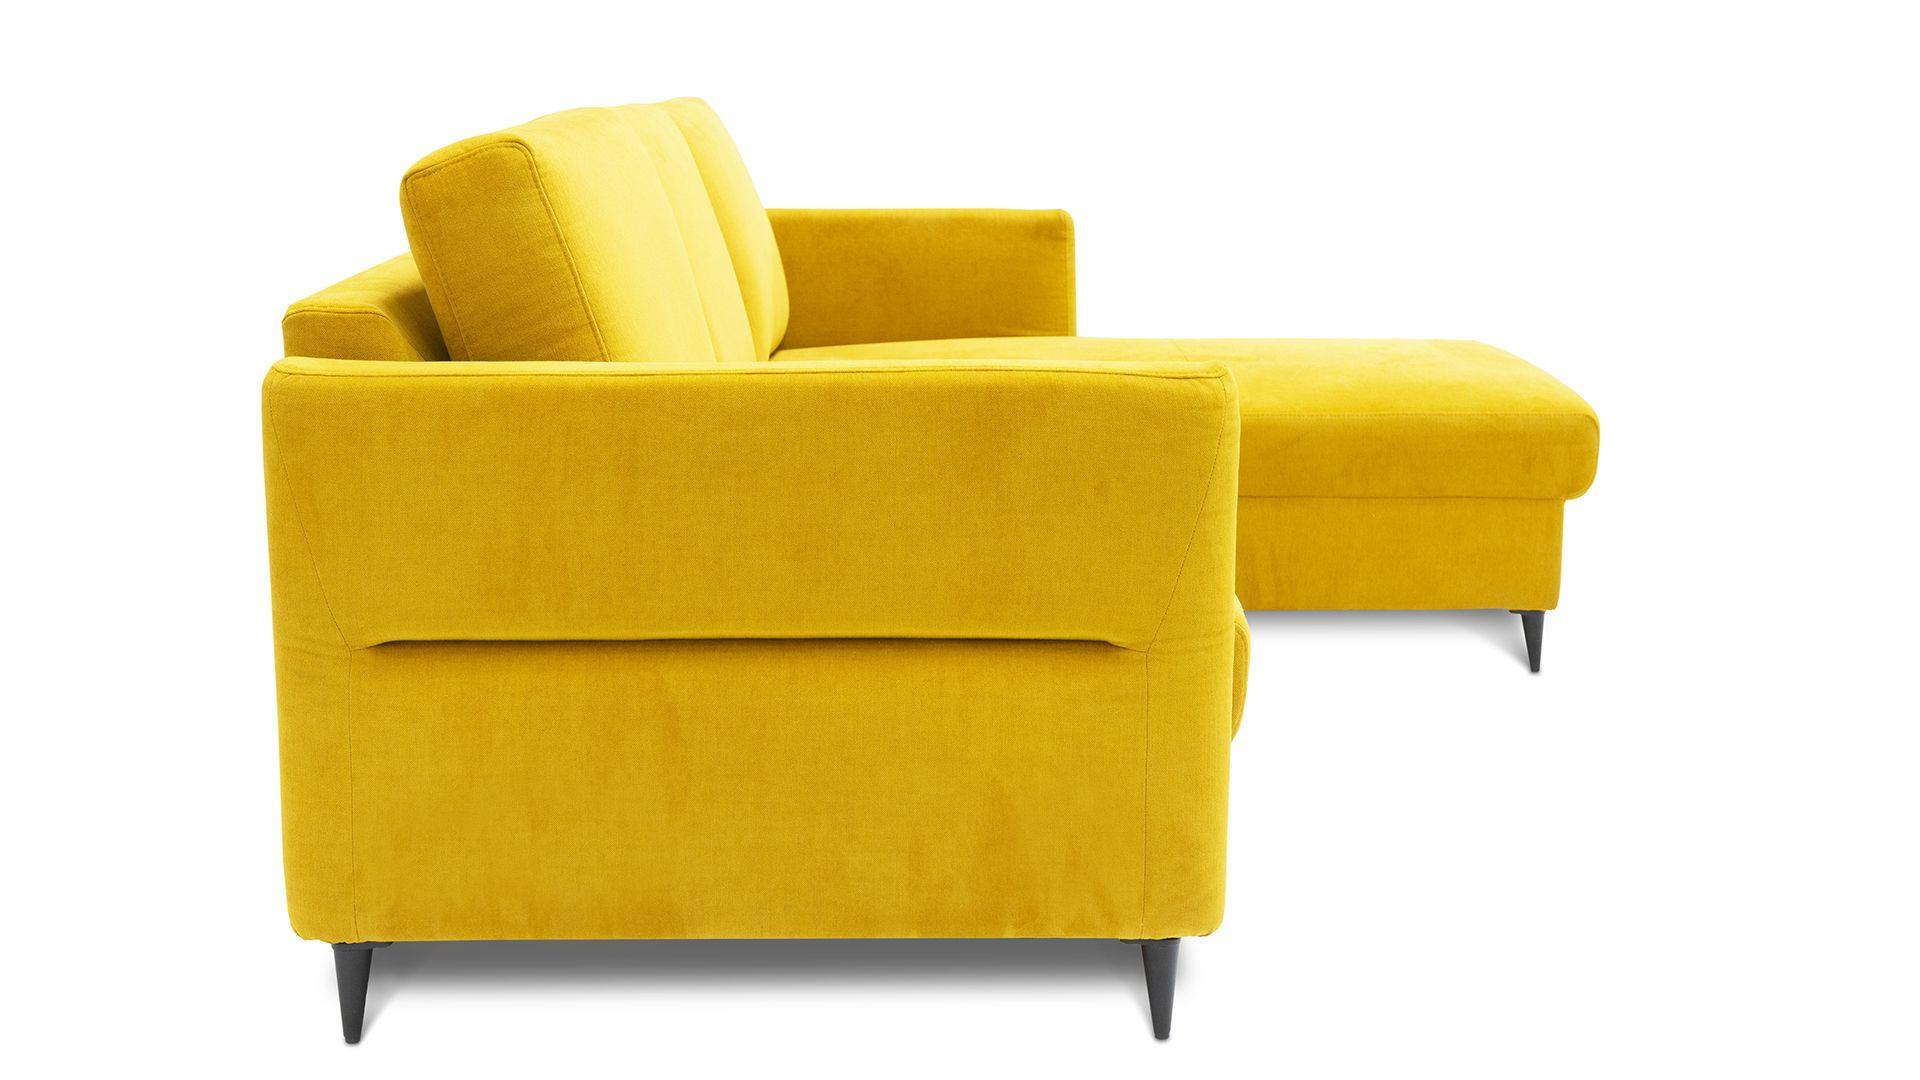 Żółty narożnik z pojemnikiem Orlando